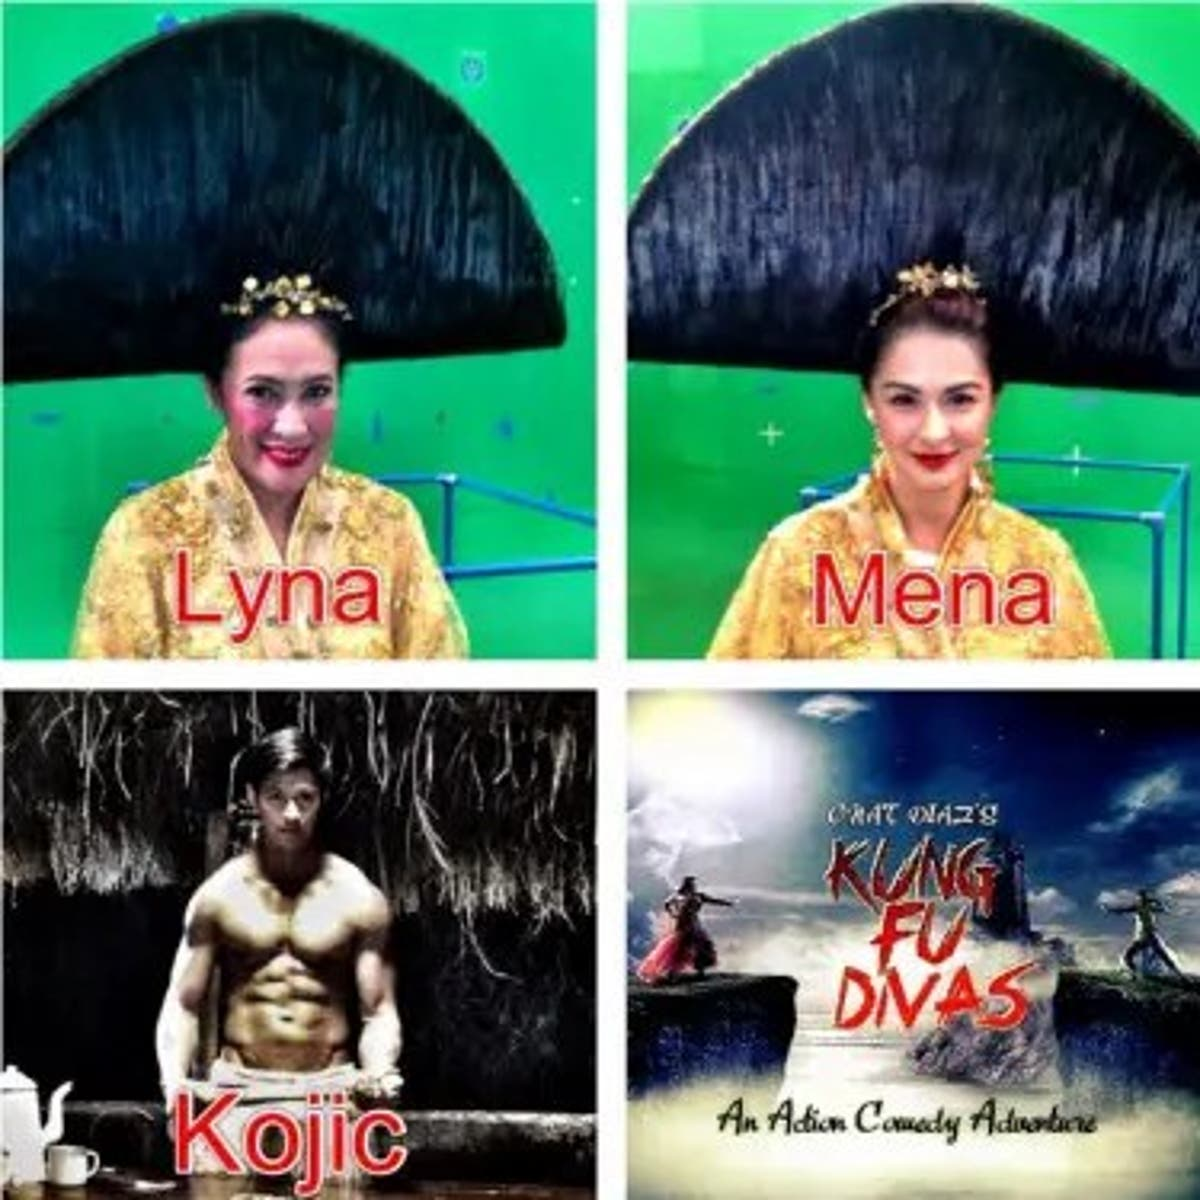 Kung Fu Divas Full Trailer Released Starmometer